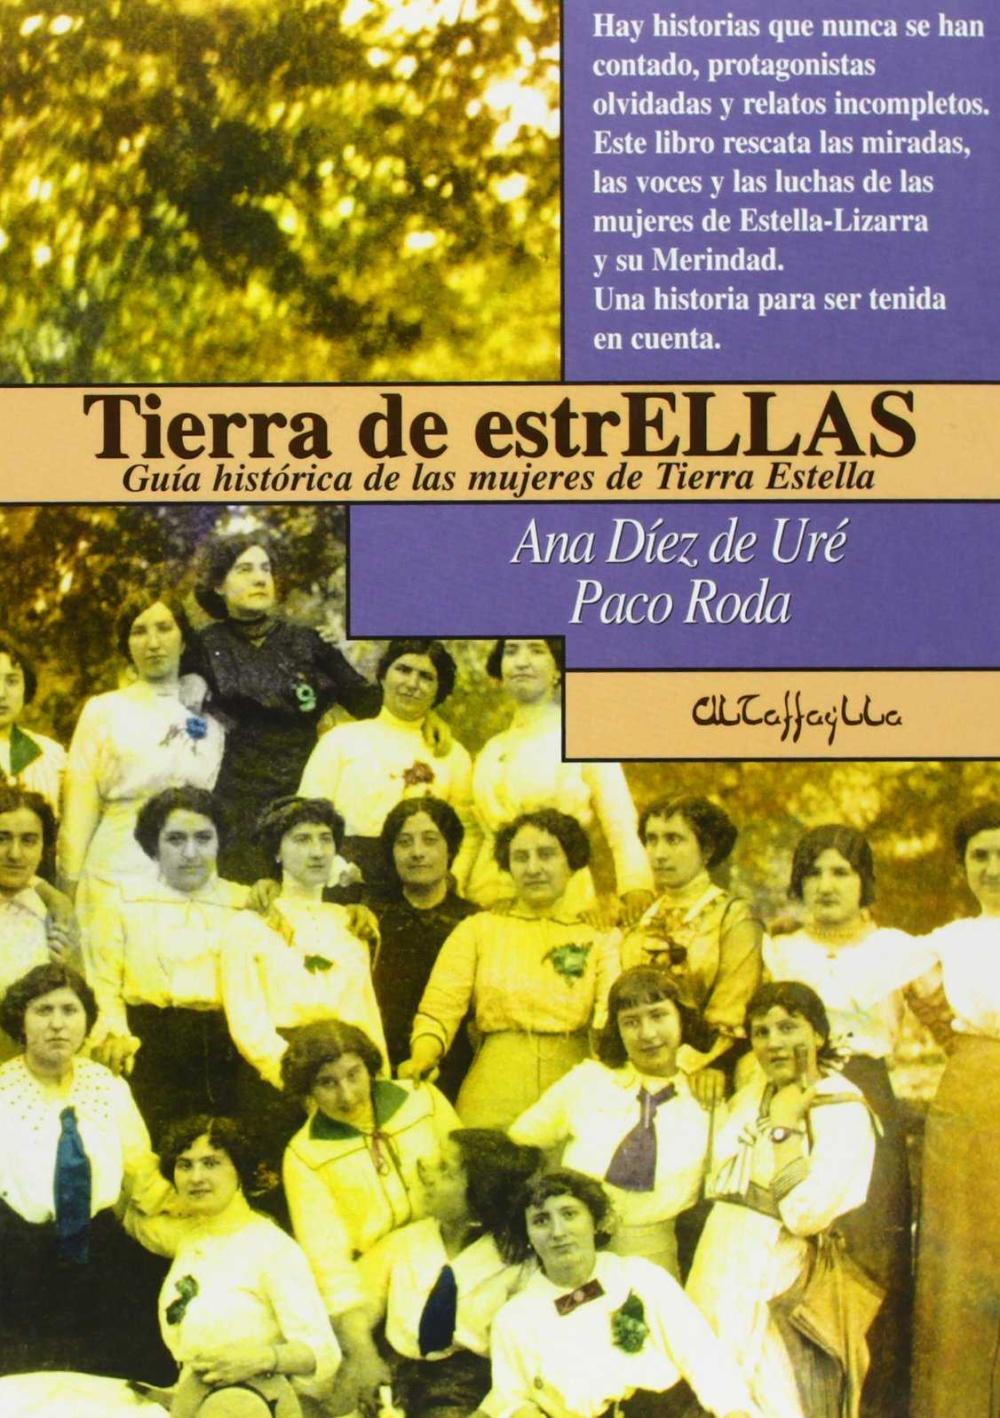 TIERRA DE ESTRELLAS : GUÍA HISTÓRICA DE LAS MUJERES DE TIERRA ESTELLA